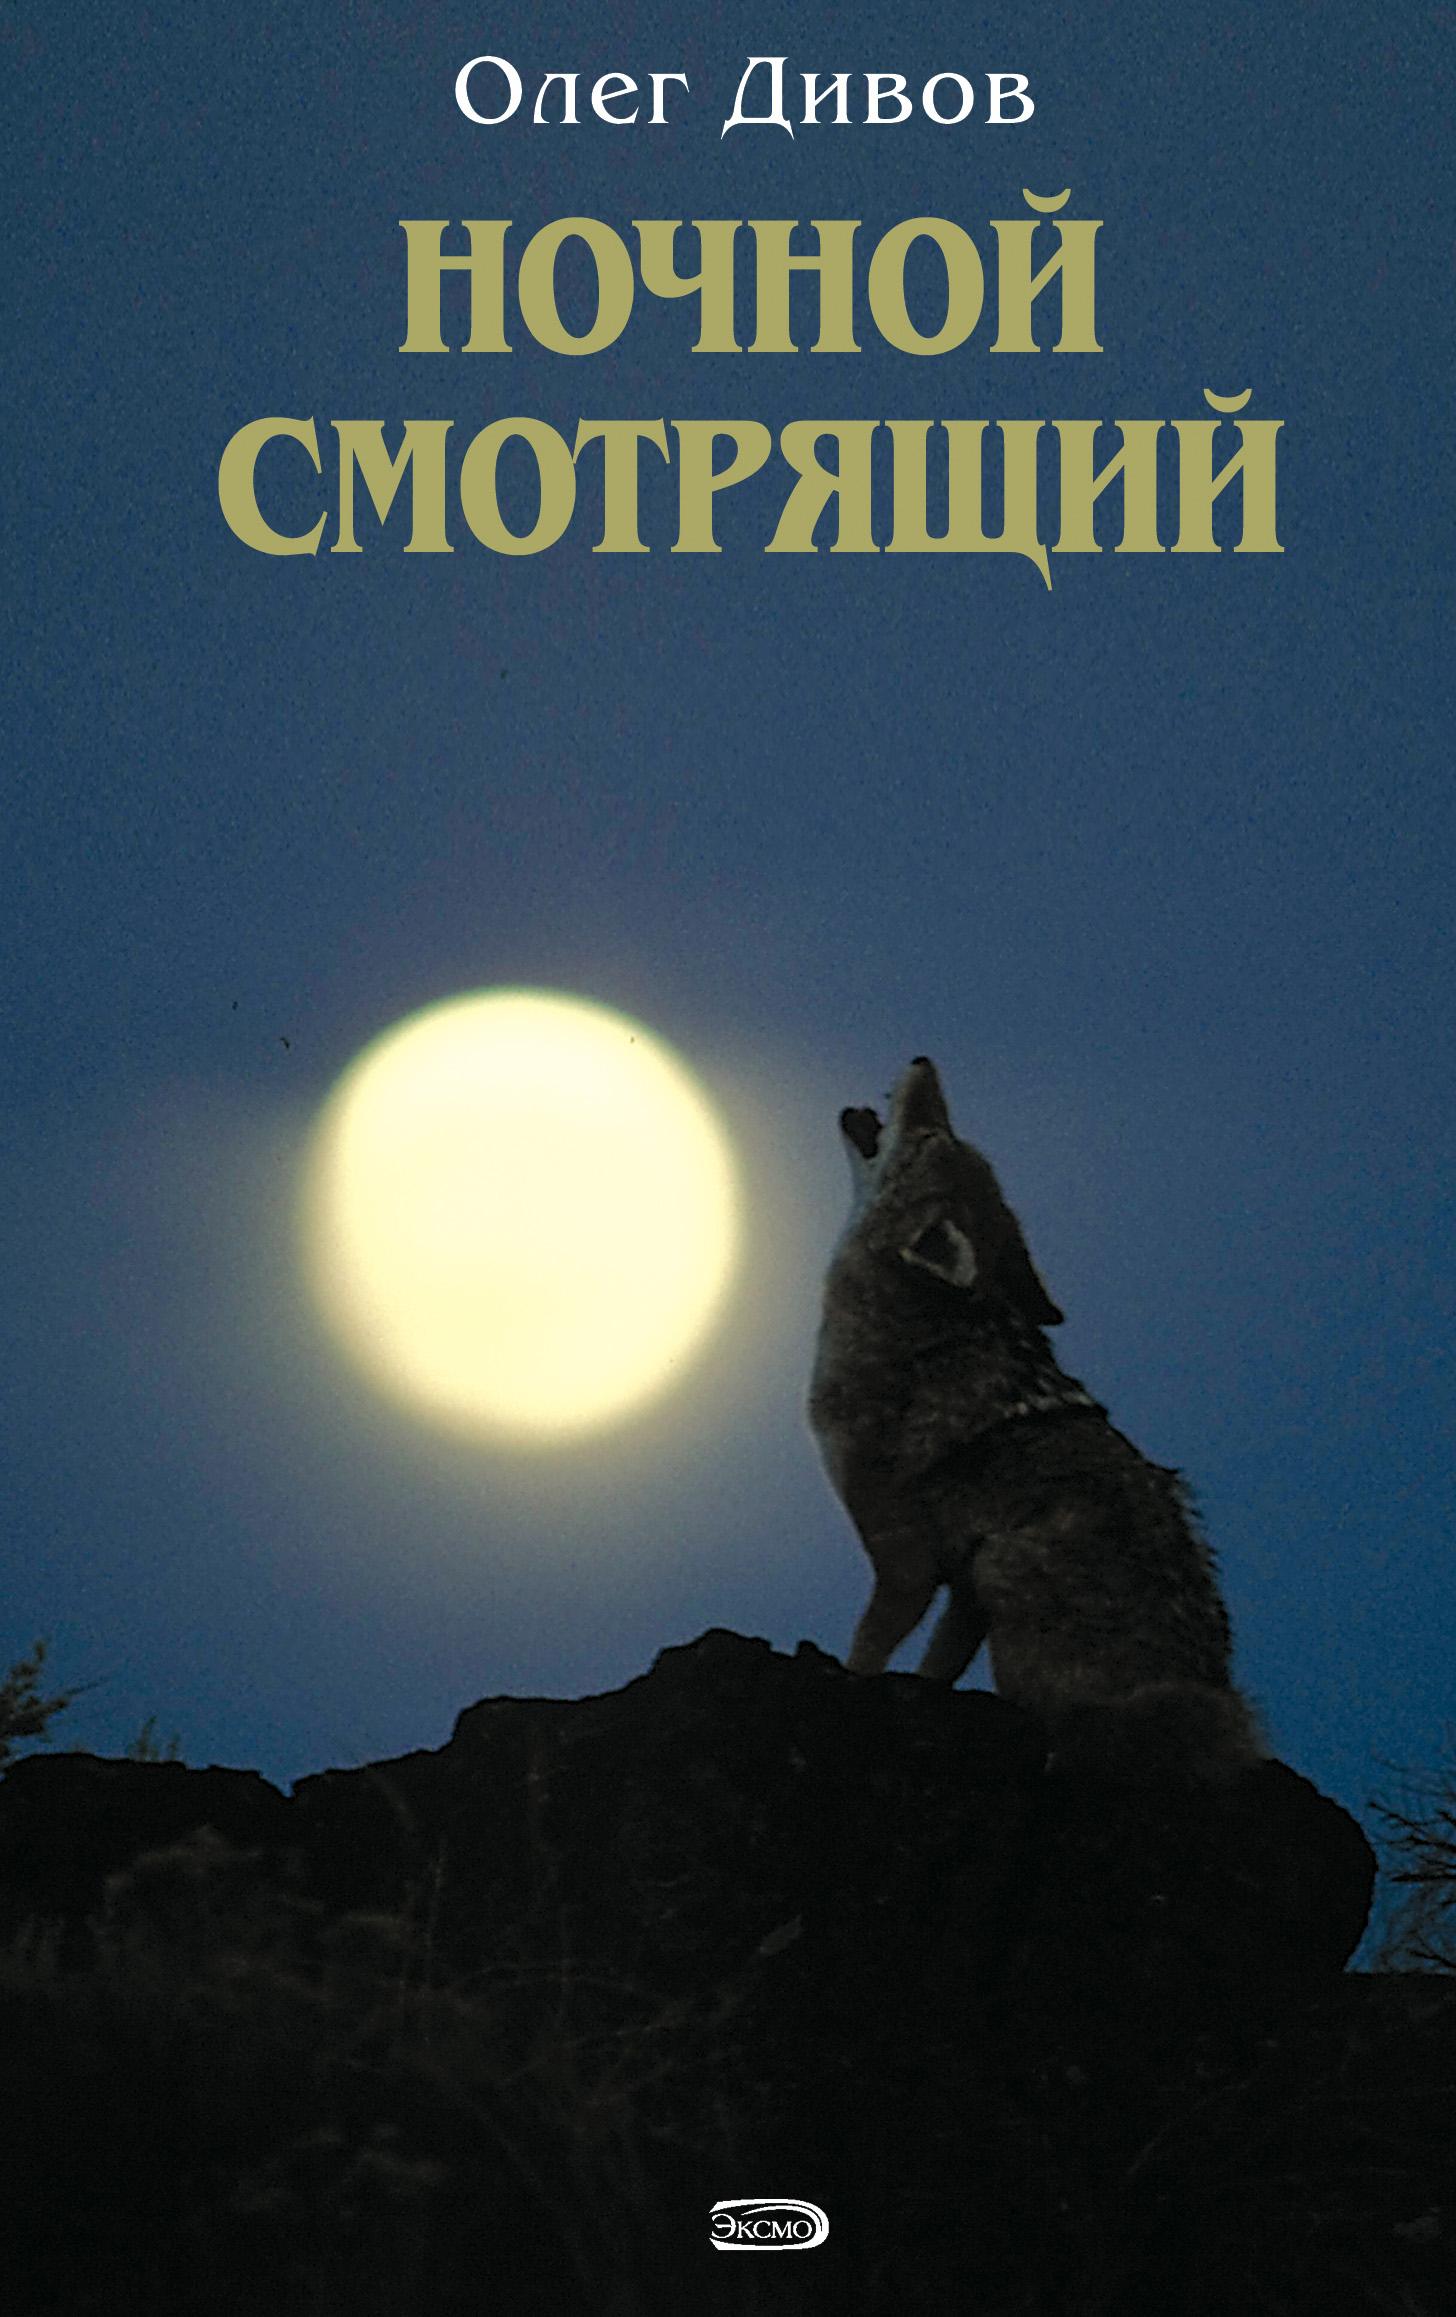 Олег Дивов «Ночной смотрящий»